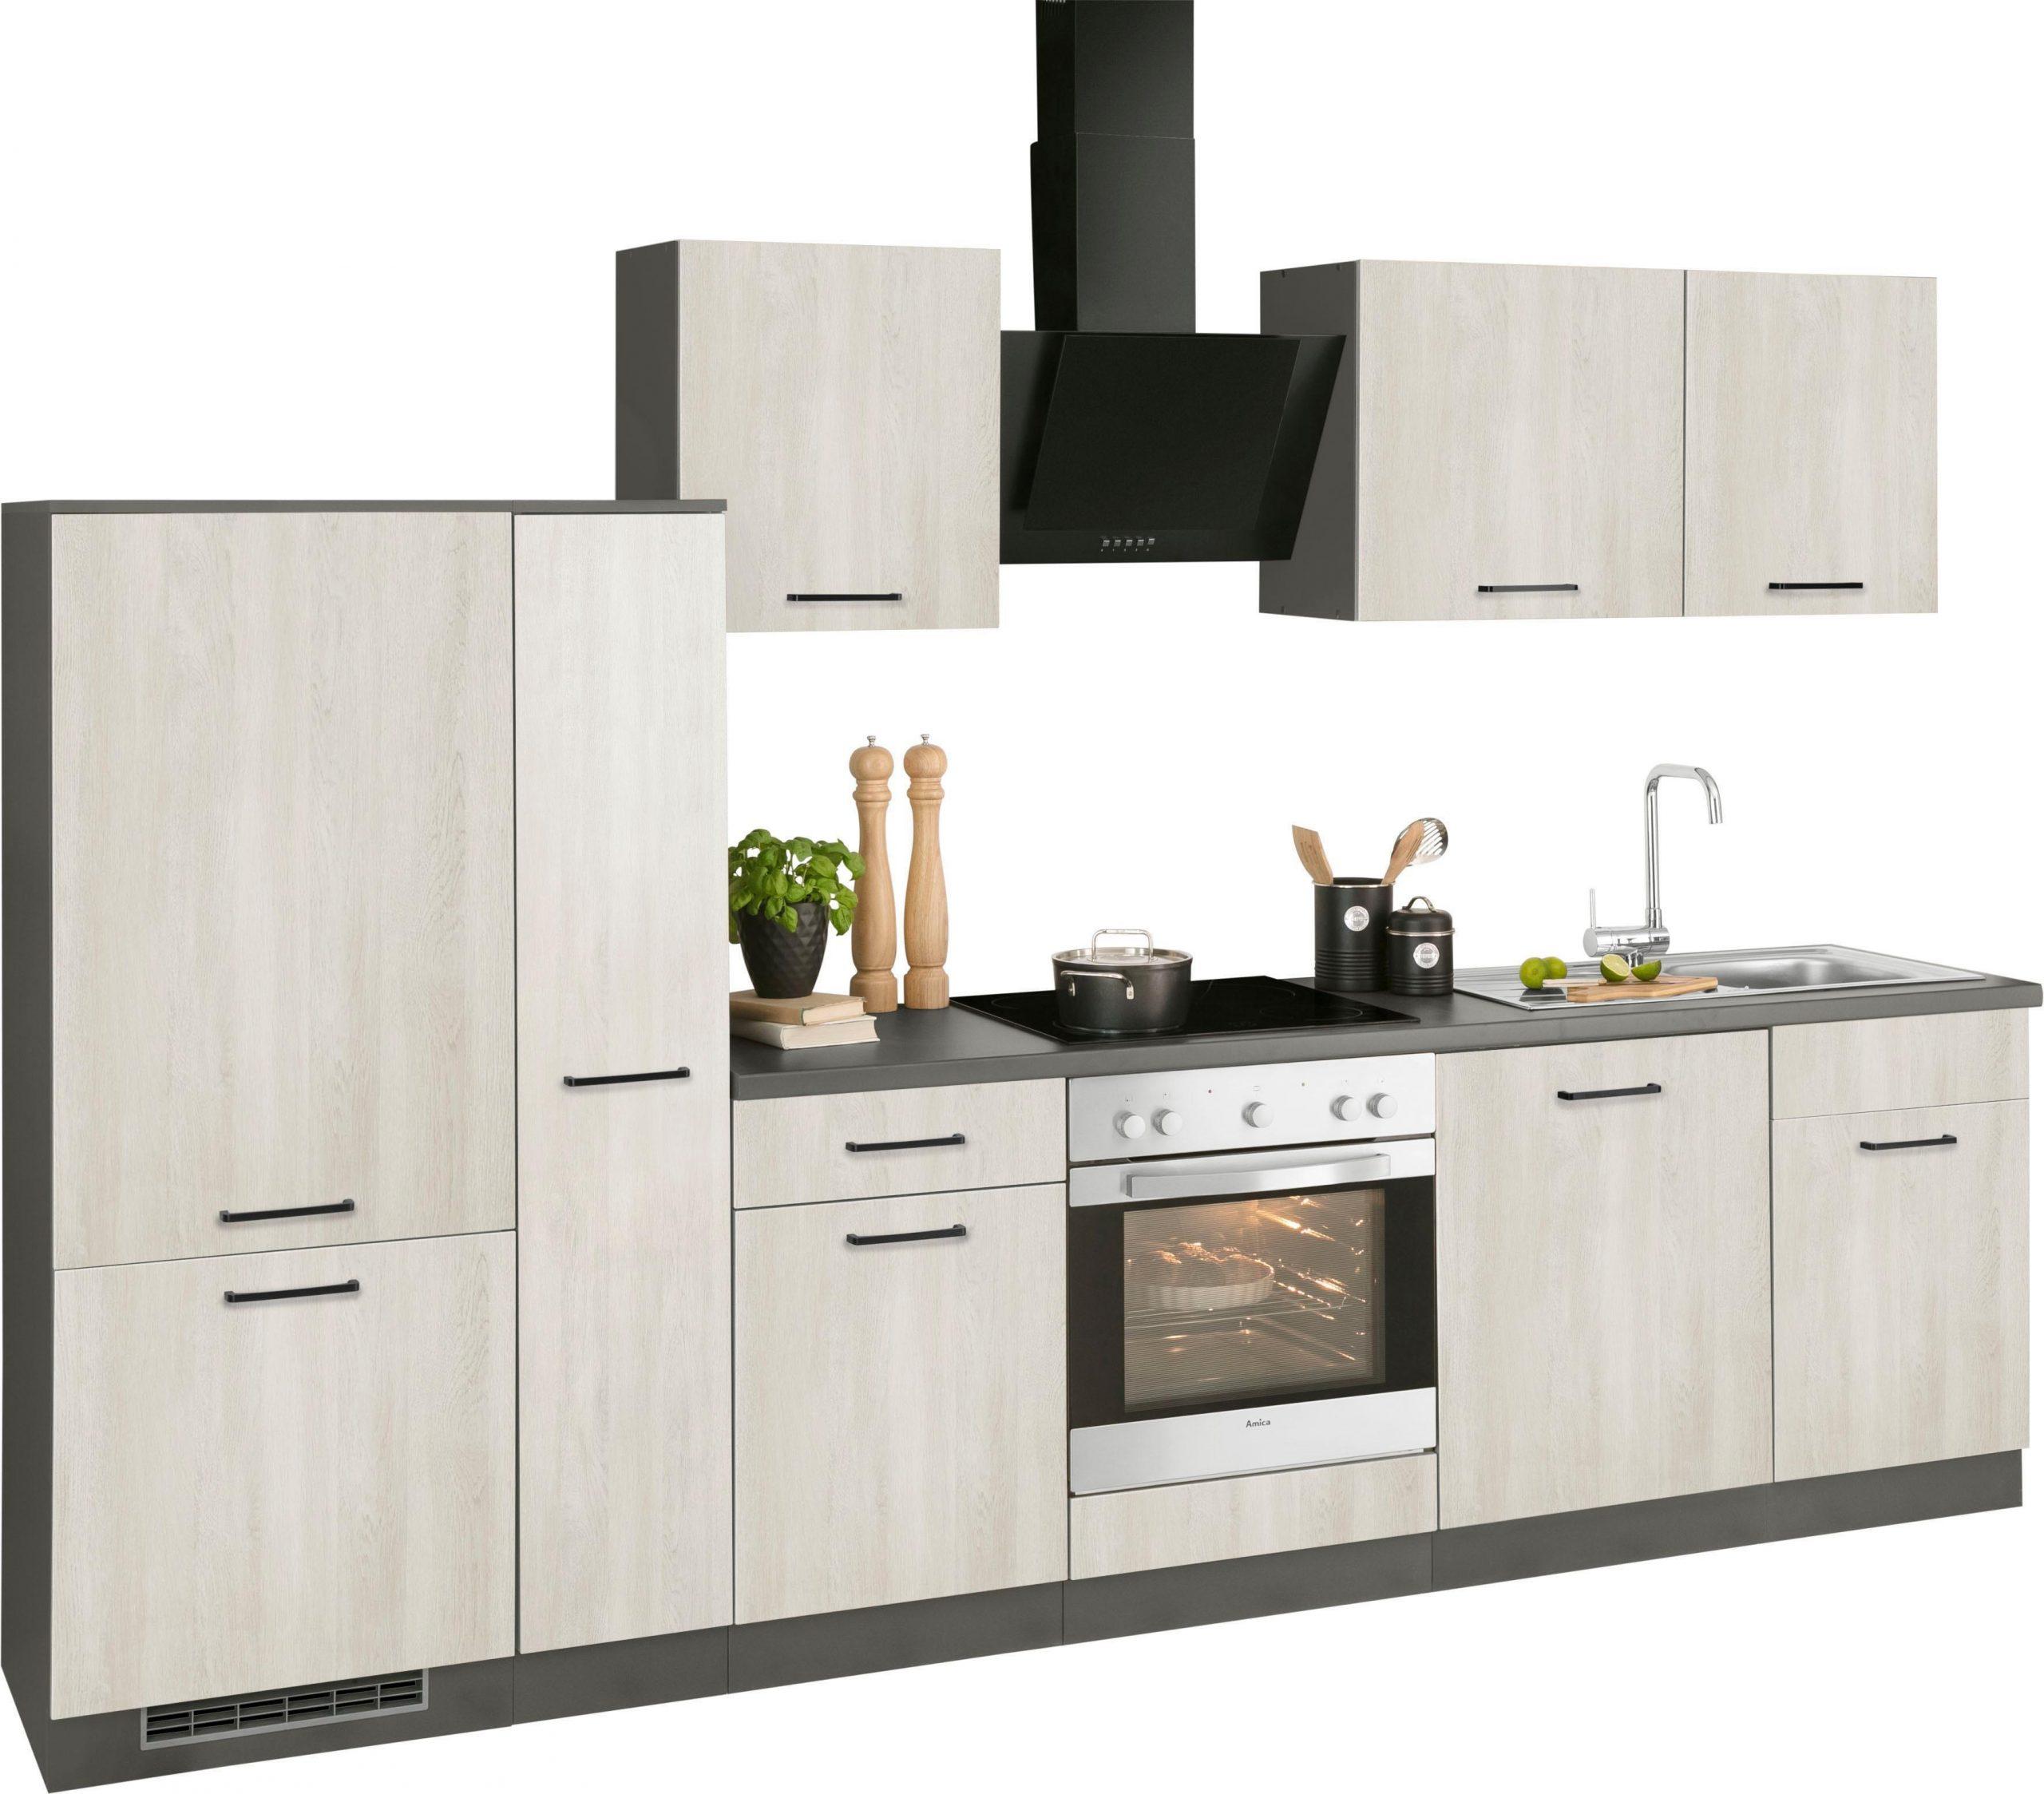 Full Size of Küchen Quelle Wiho Kchen Kchenzeile Esbo Online Kaufen Quellede Regal Wohnzimmer Küchen Quelle